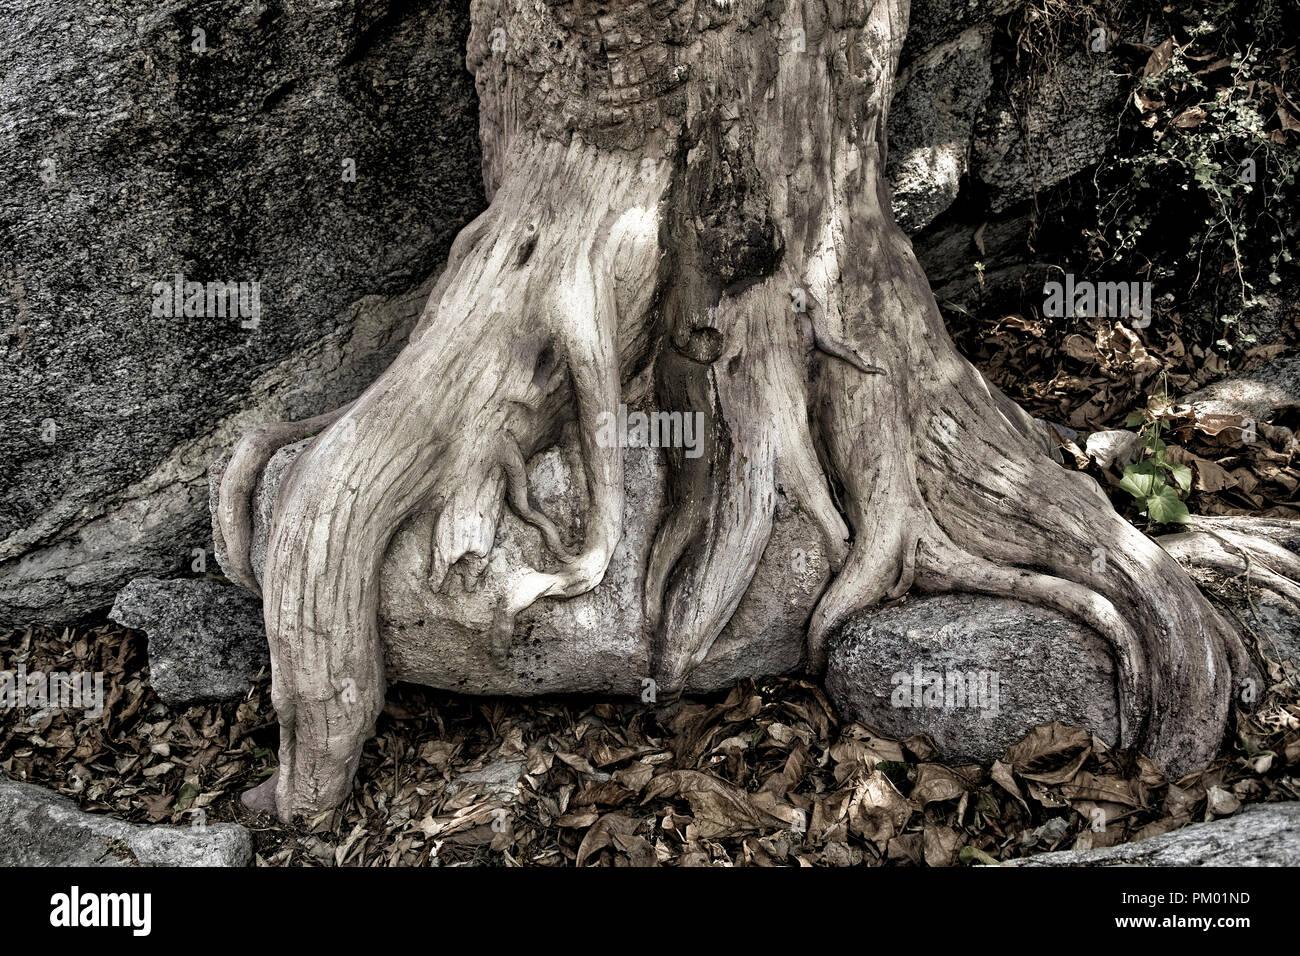 Freiliegende Baumwurzeln. Versteinertes Holz Struktur zu Stein als ein natürliches Phänomen. Stockbild